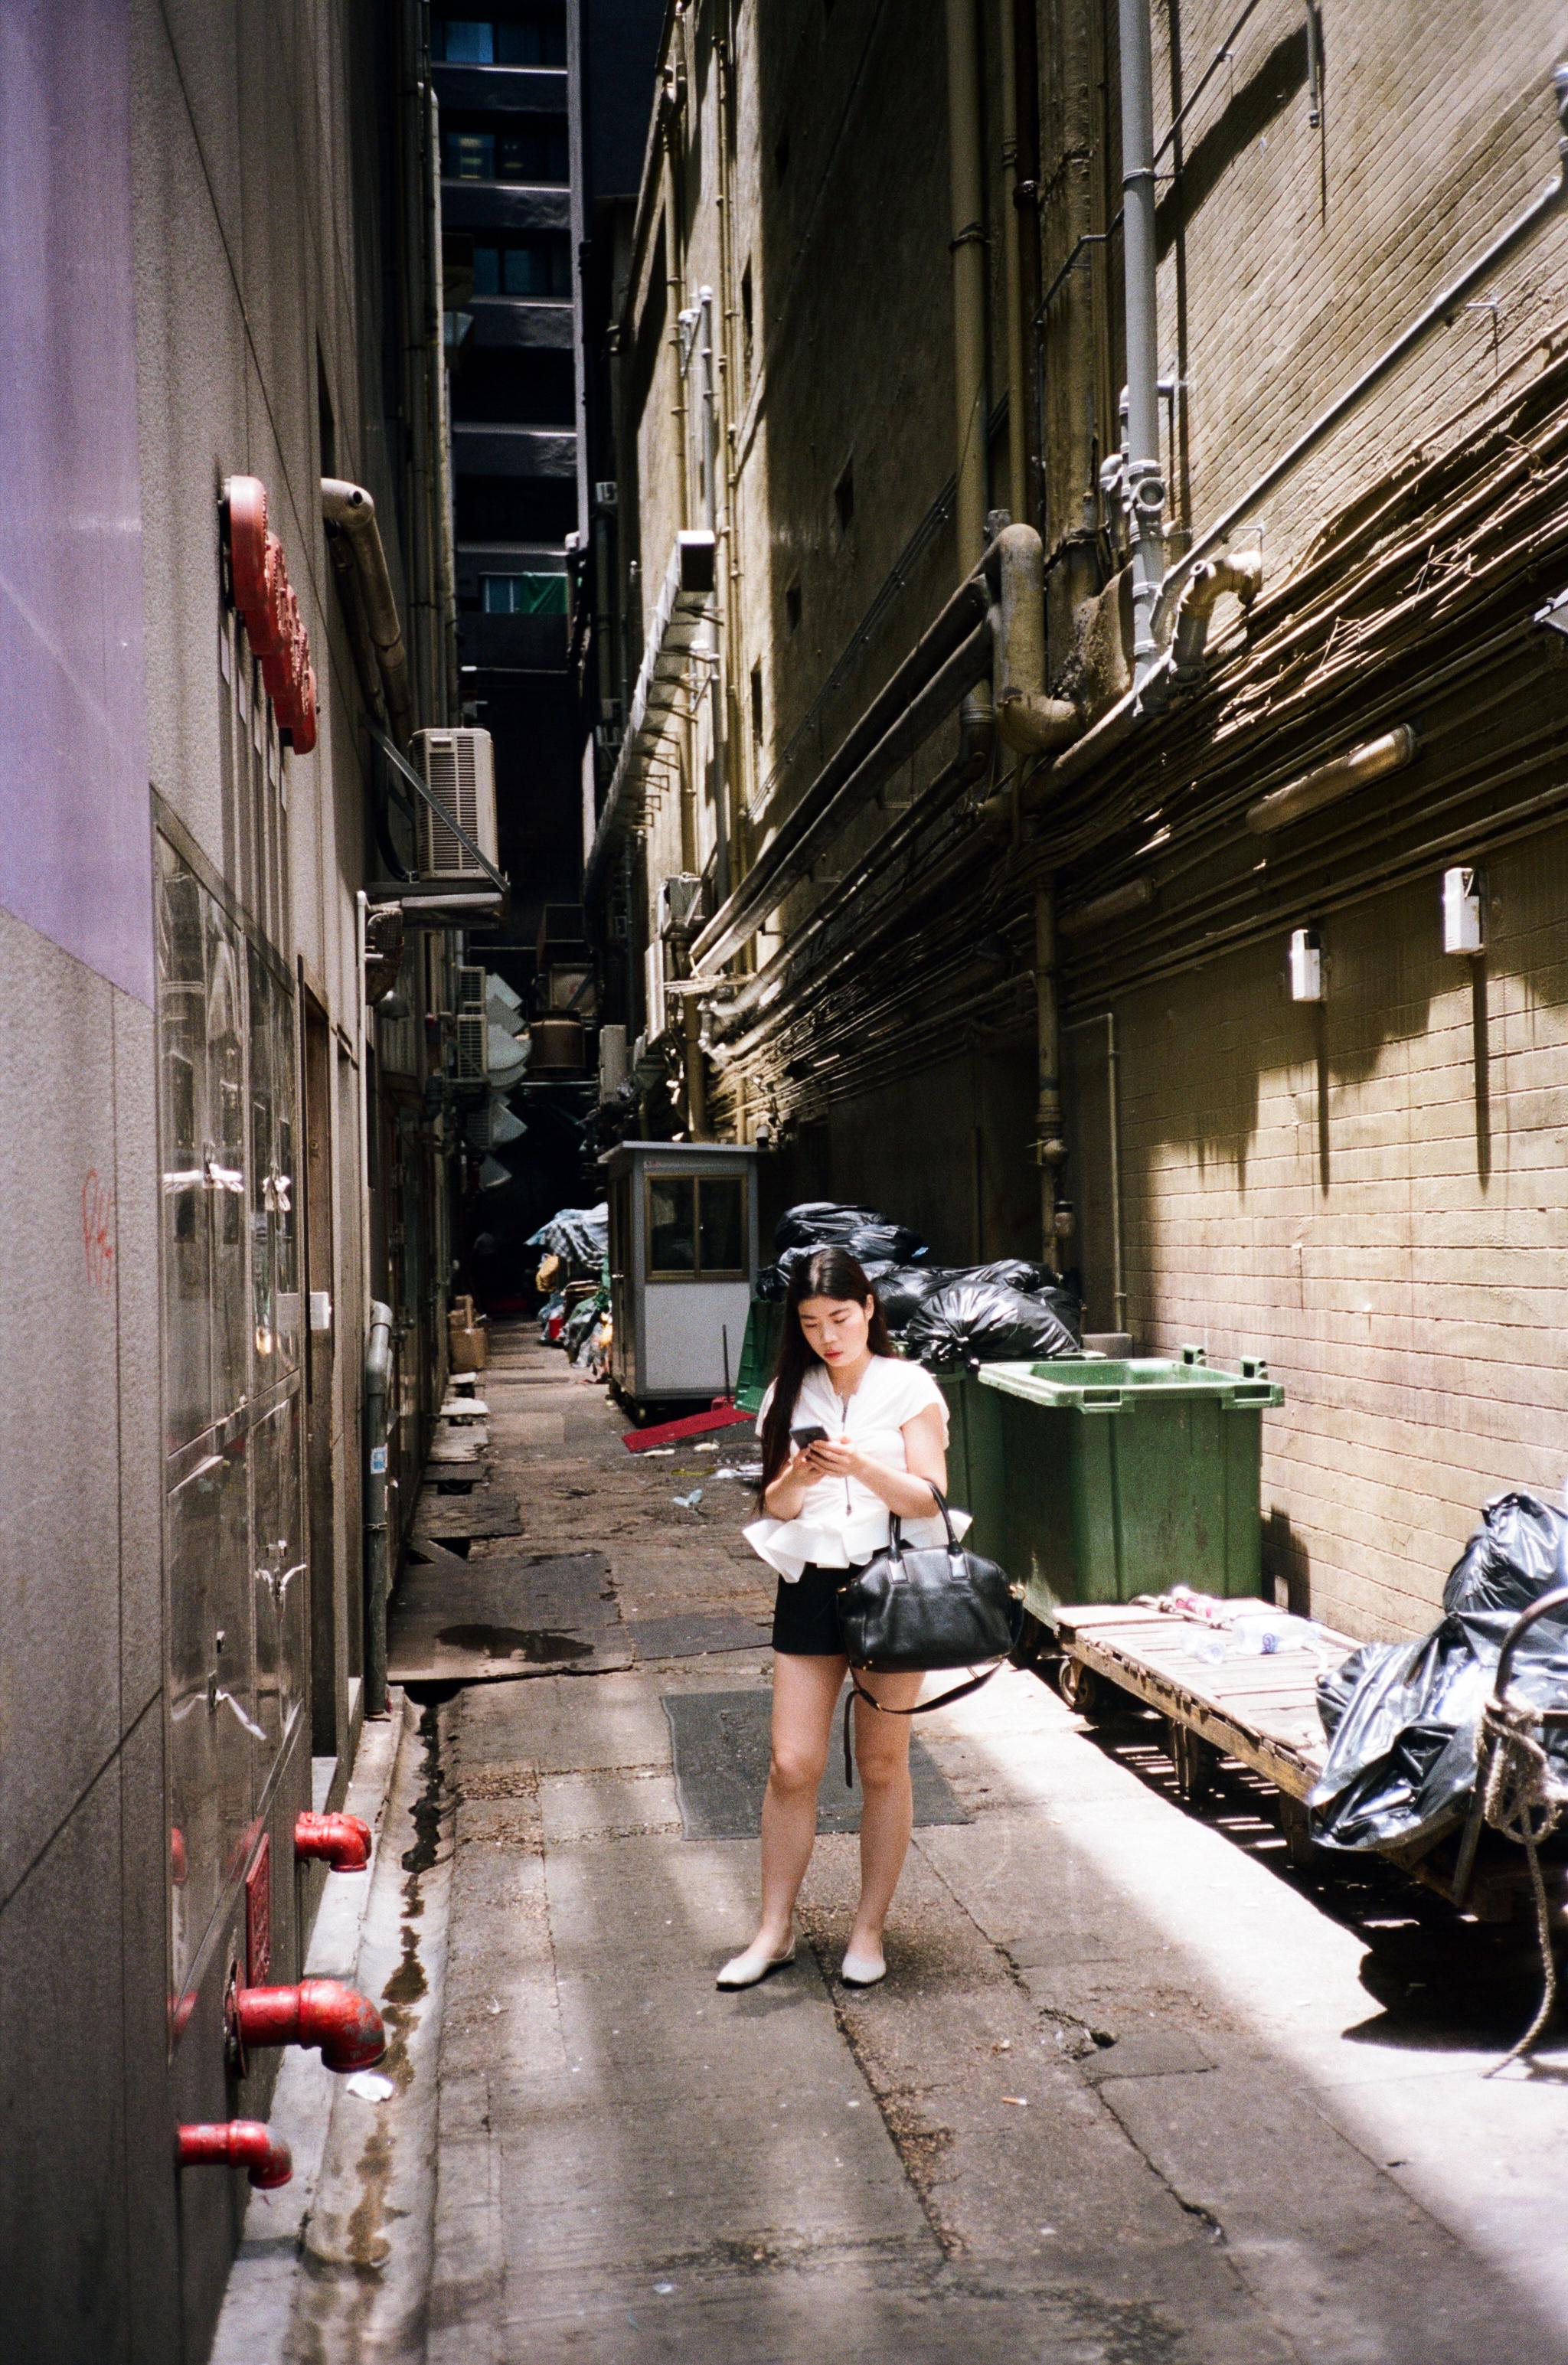 HONGKONG_000011030006.jpg